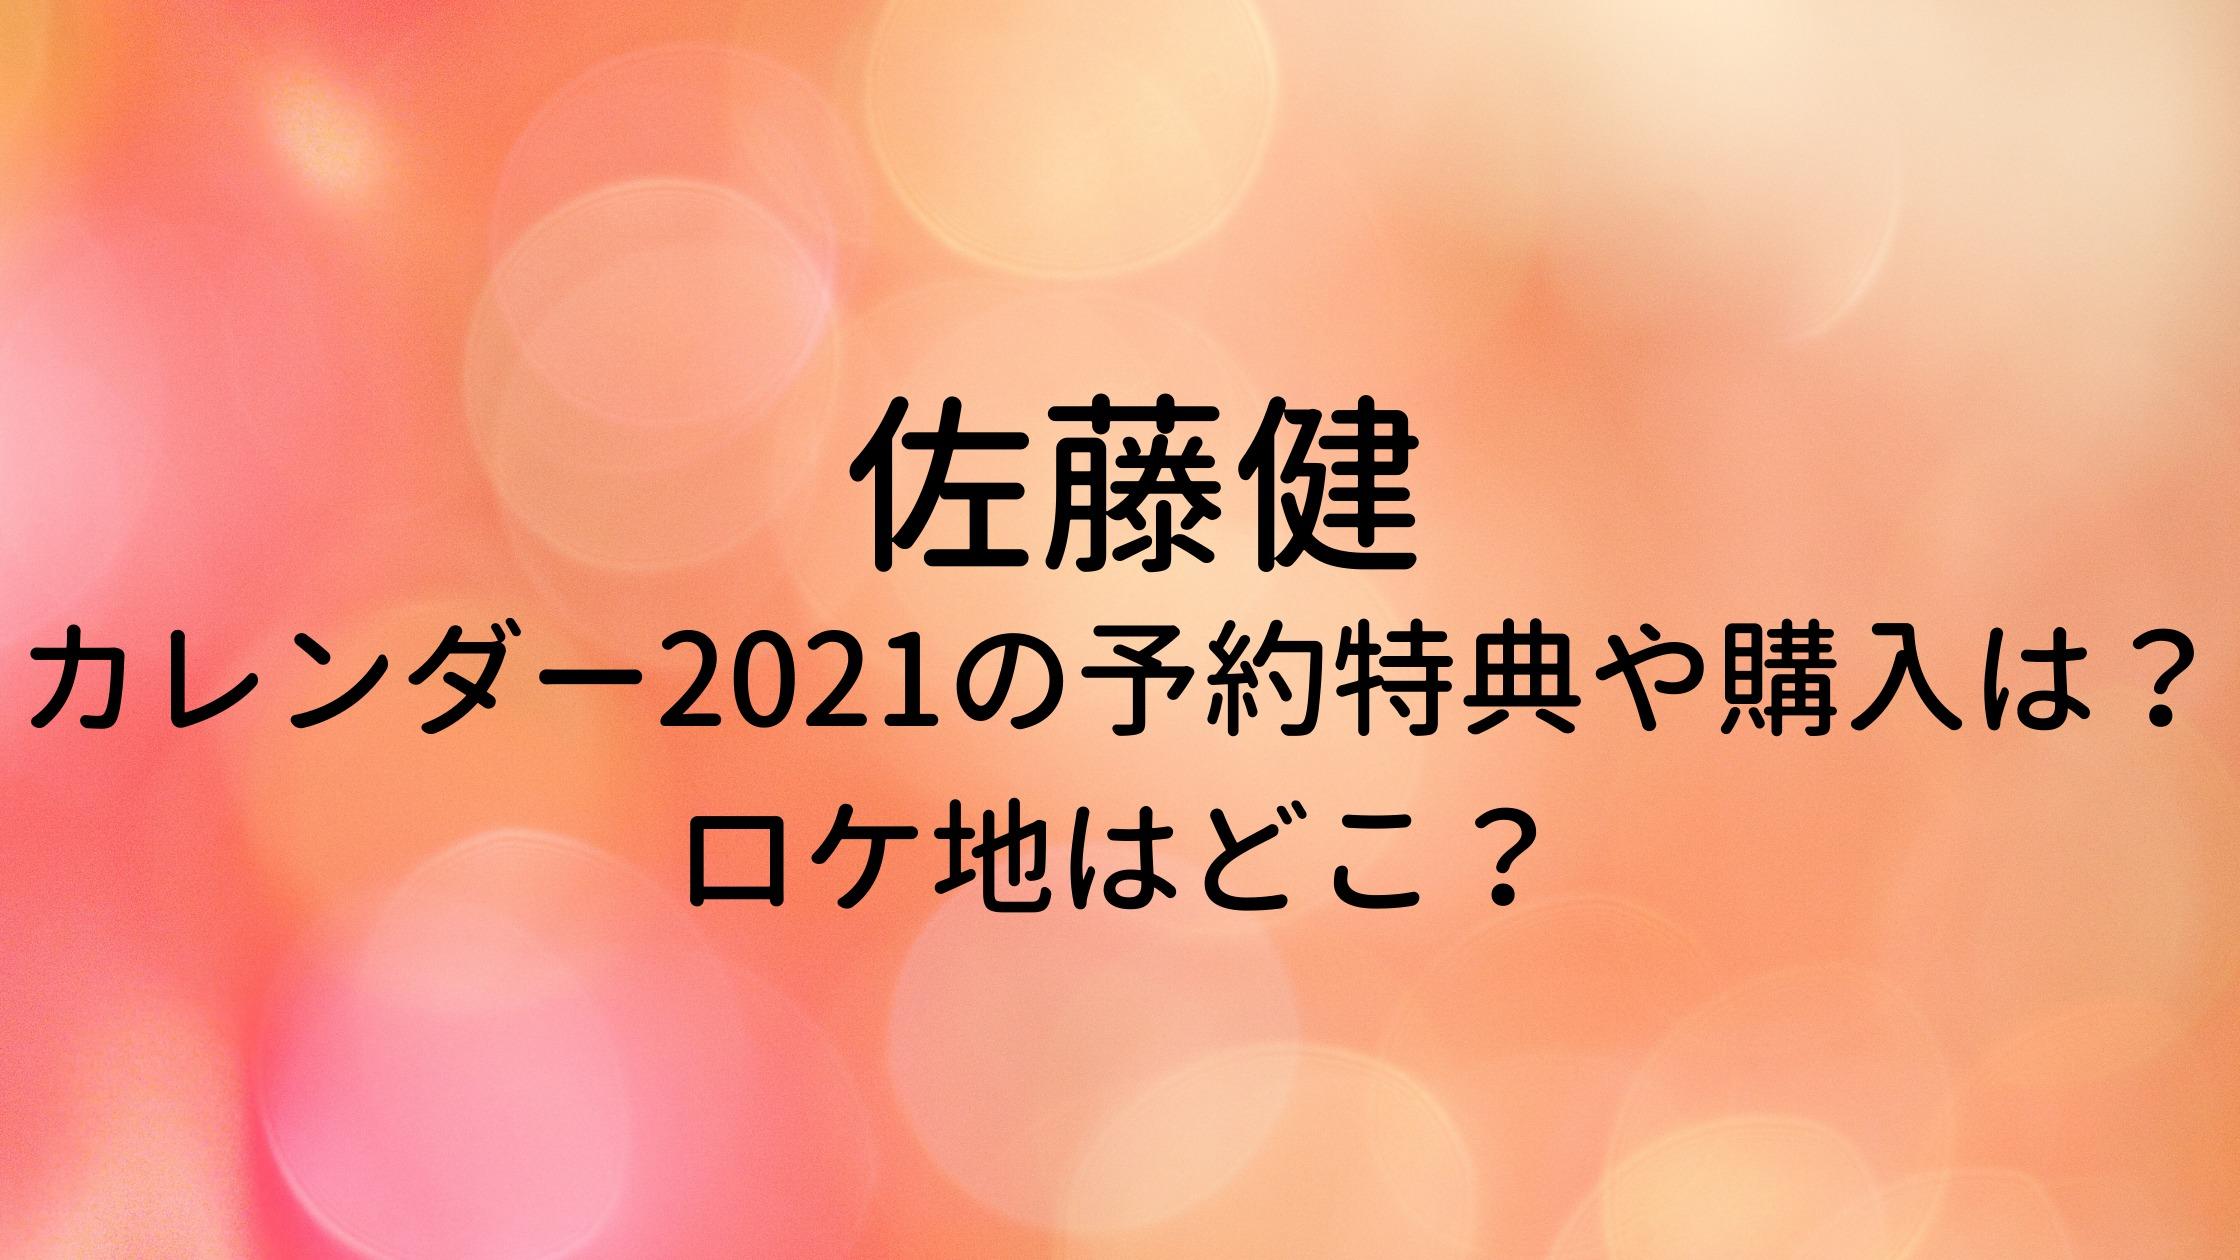 ファン クラブ 佐藤健 佐藤健のシュガーsugar会員制料金はどうなる?co